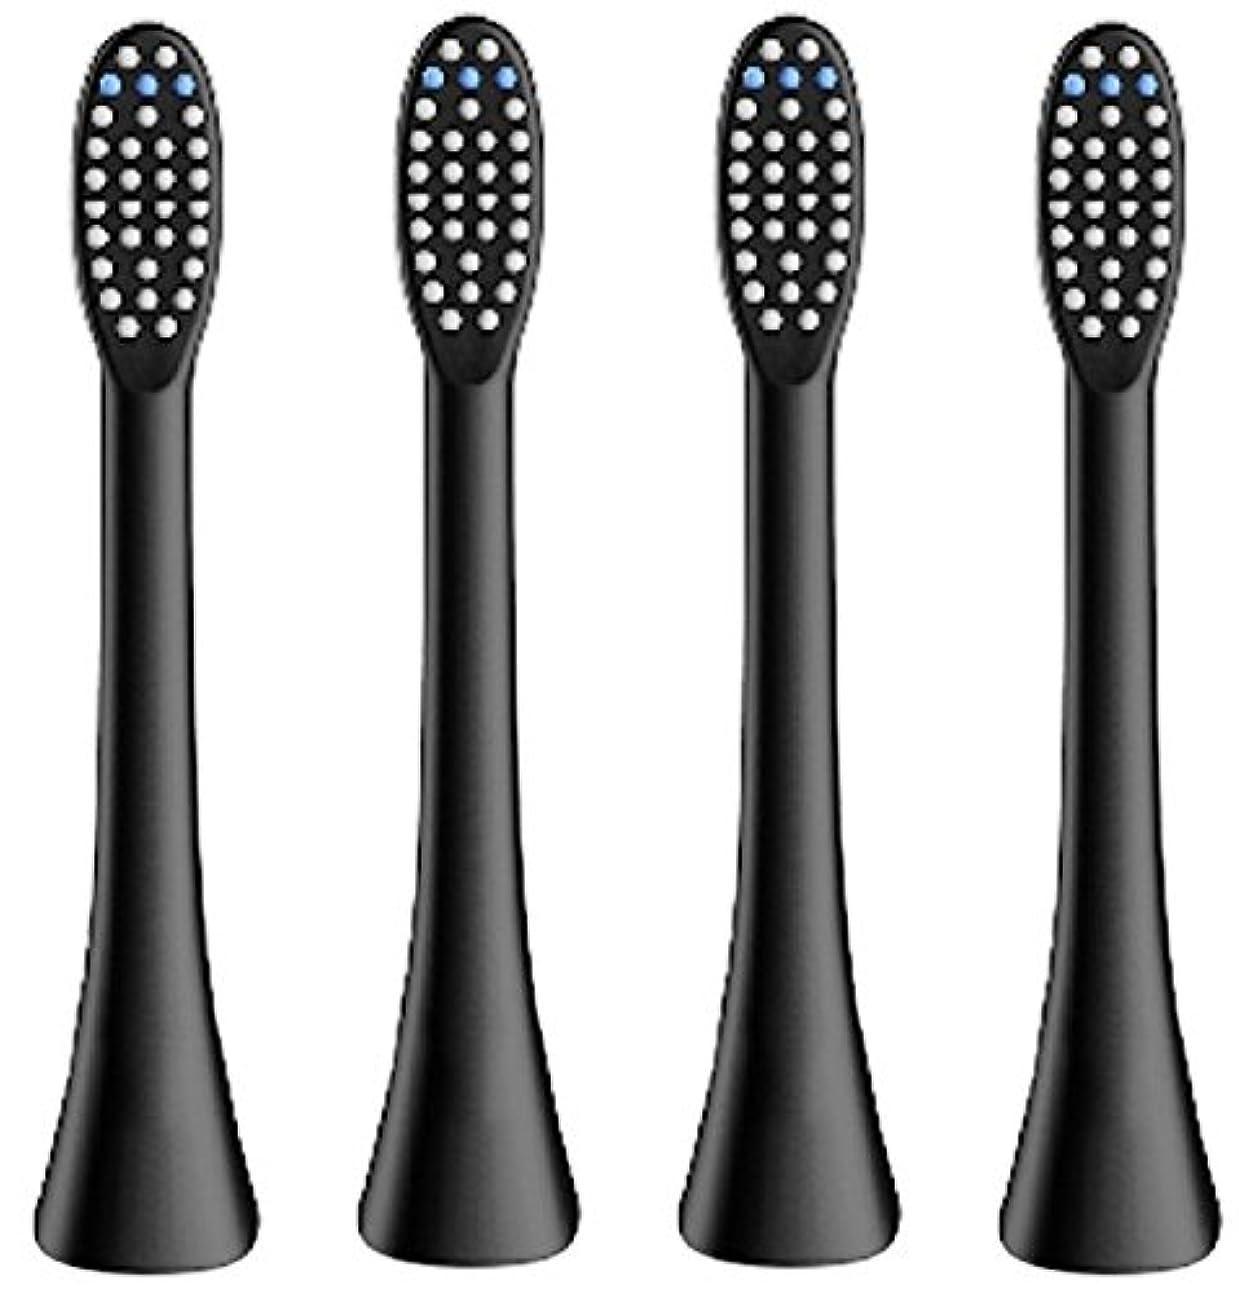 ポンペイクラック層(正規品)InfinitusValue スマートトラッキング電動歯ブラシ専用替えブラシ レギュラーサイズ 4本組 ブラック IVHB01BBR4